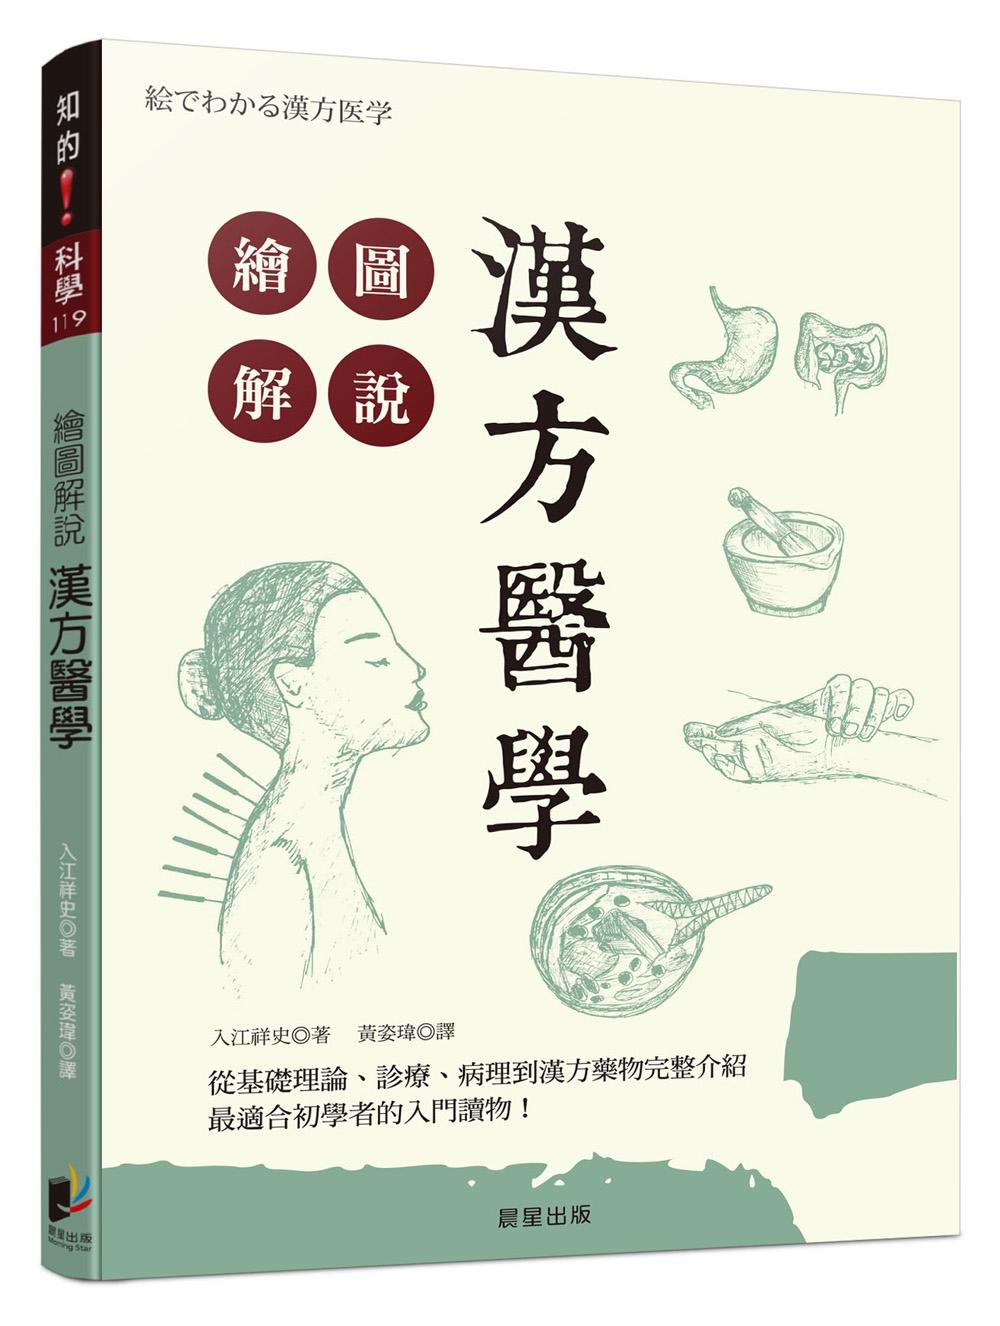 《繪圖解說 漢方醫學》 商品條碼,ISBN:9789864433889